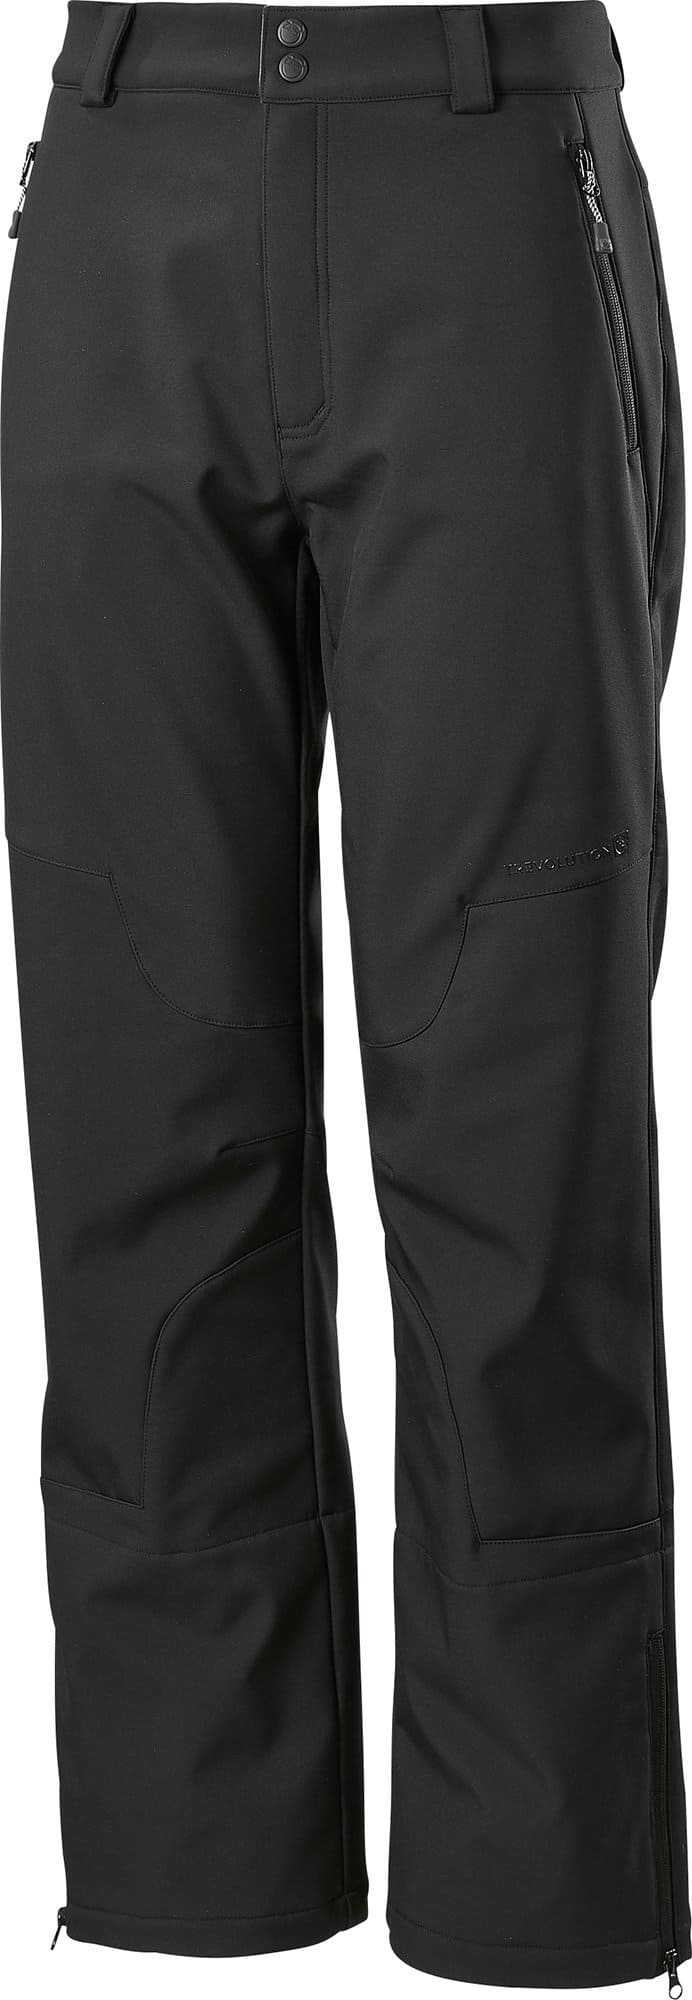 Trevolution Pantalon softshell coupé court pour homme Taille courte